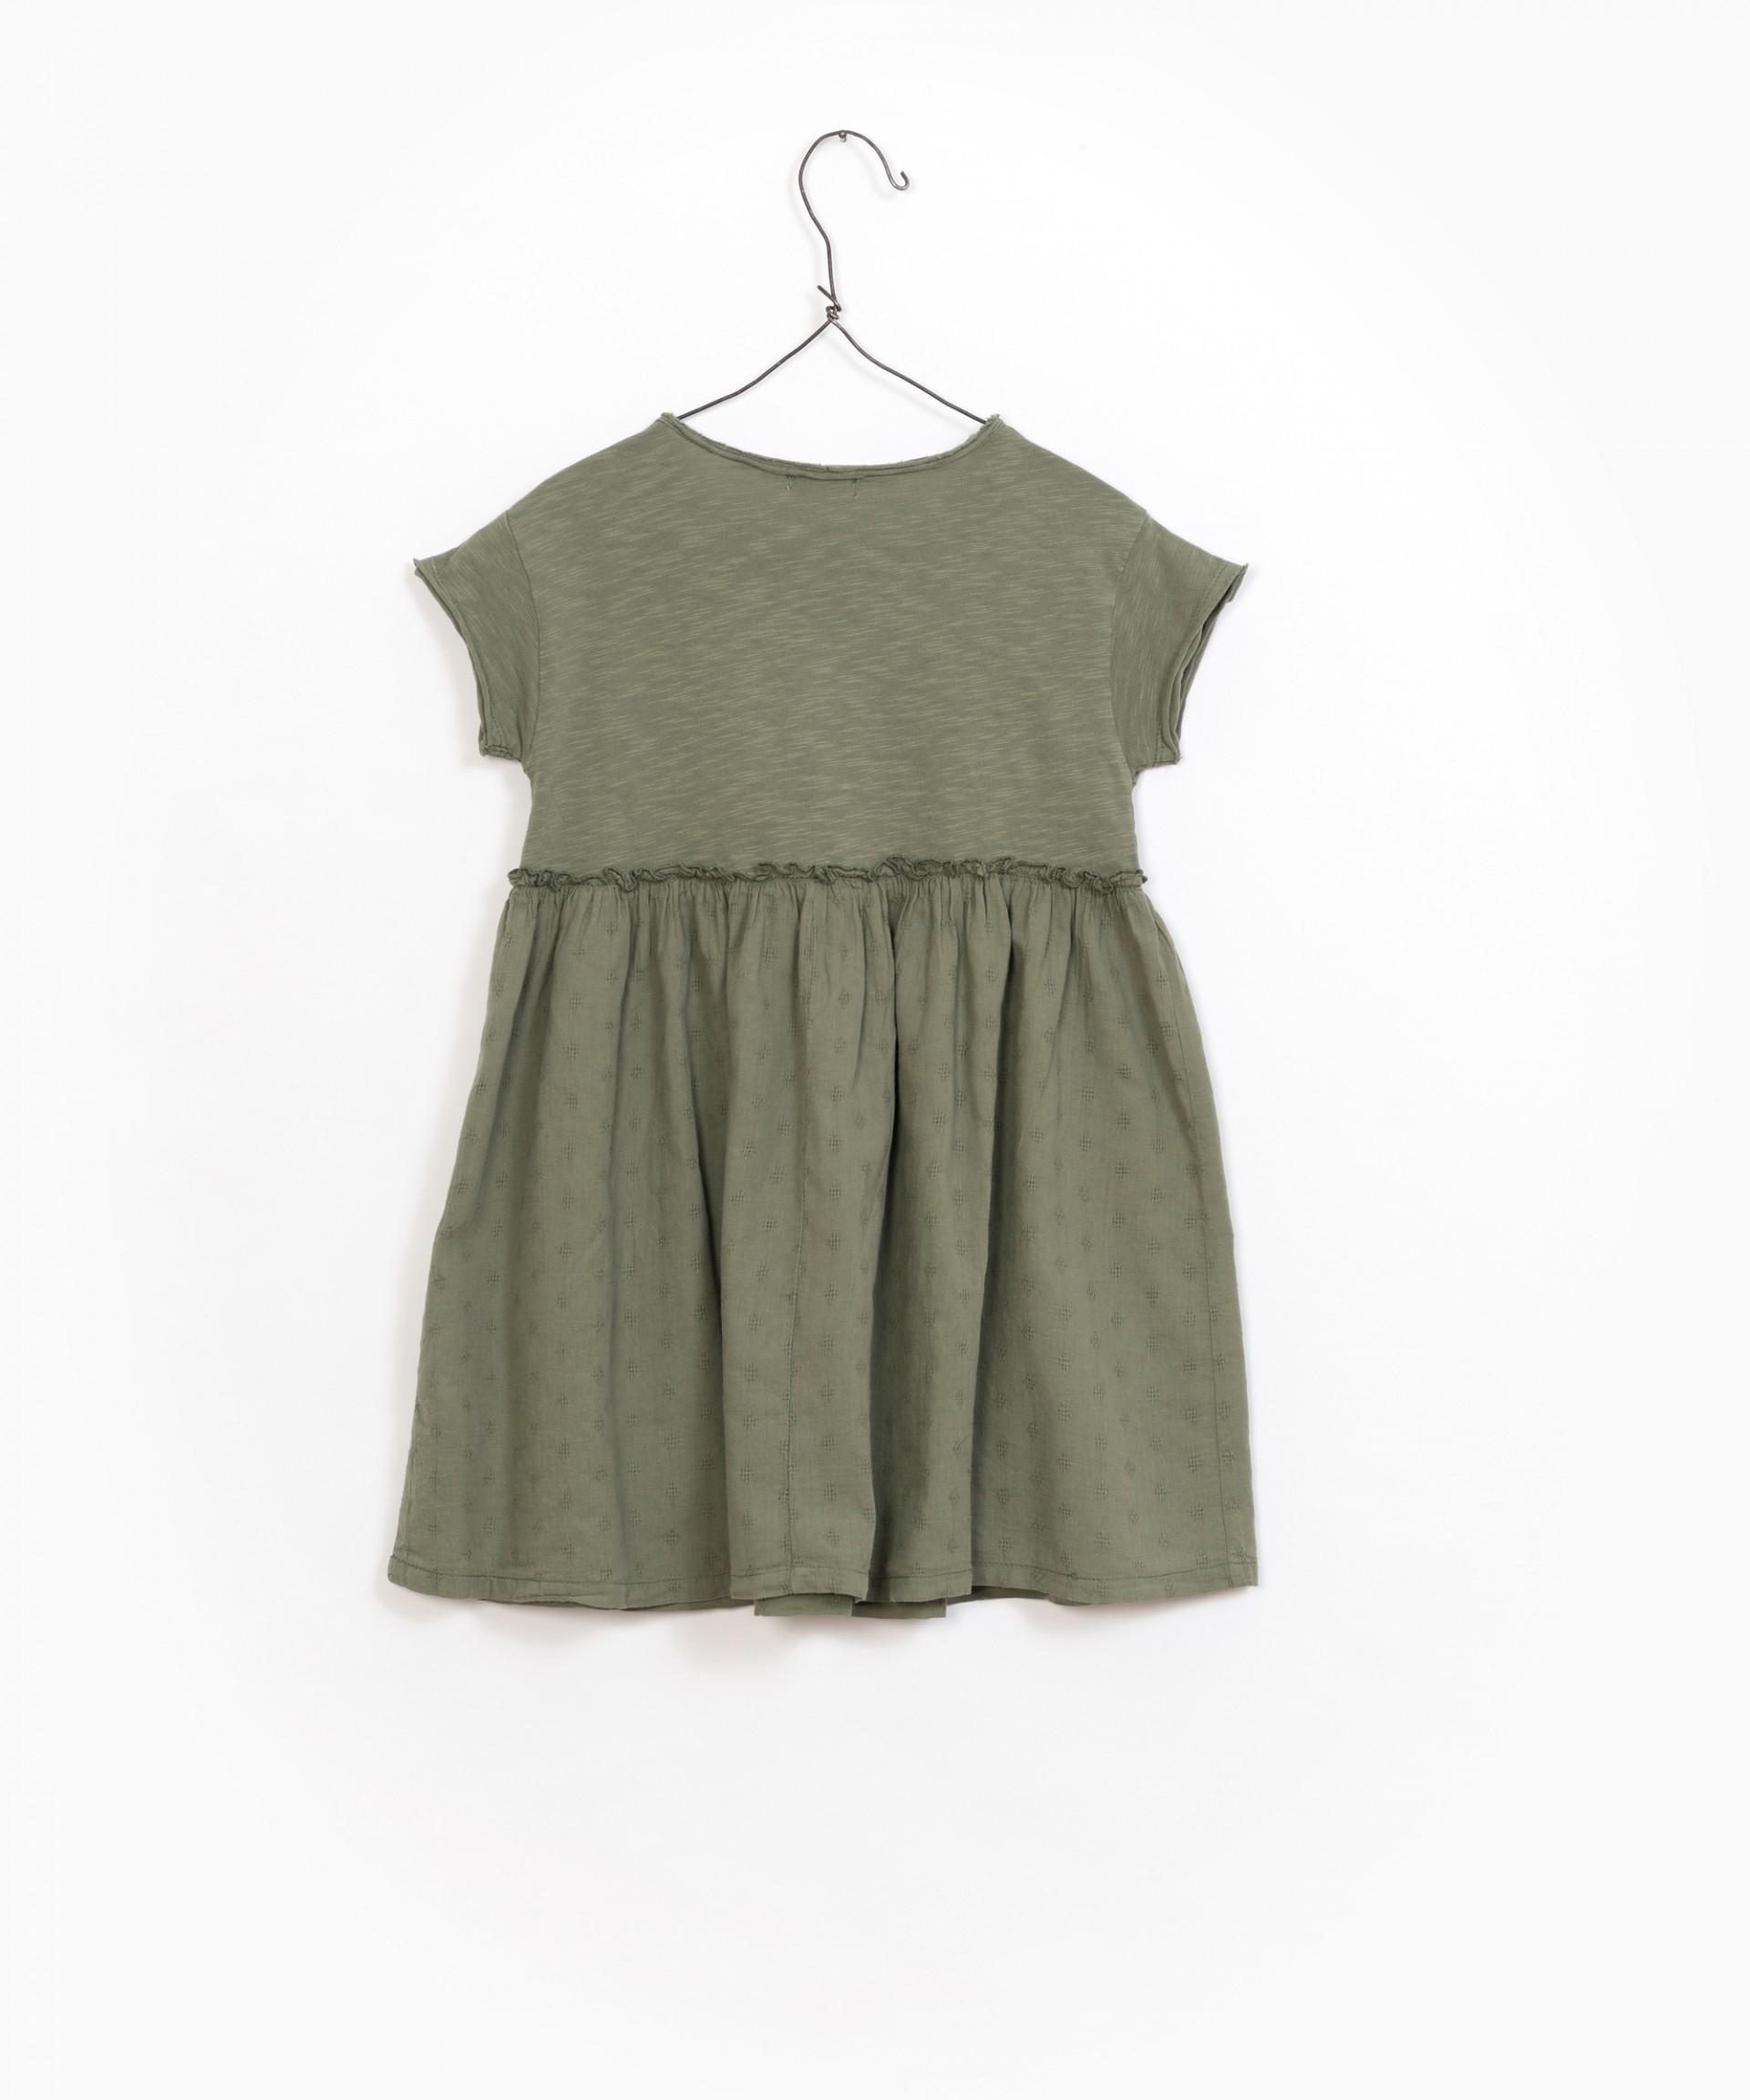 Vestido 100% algodão orgânico